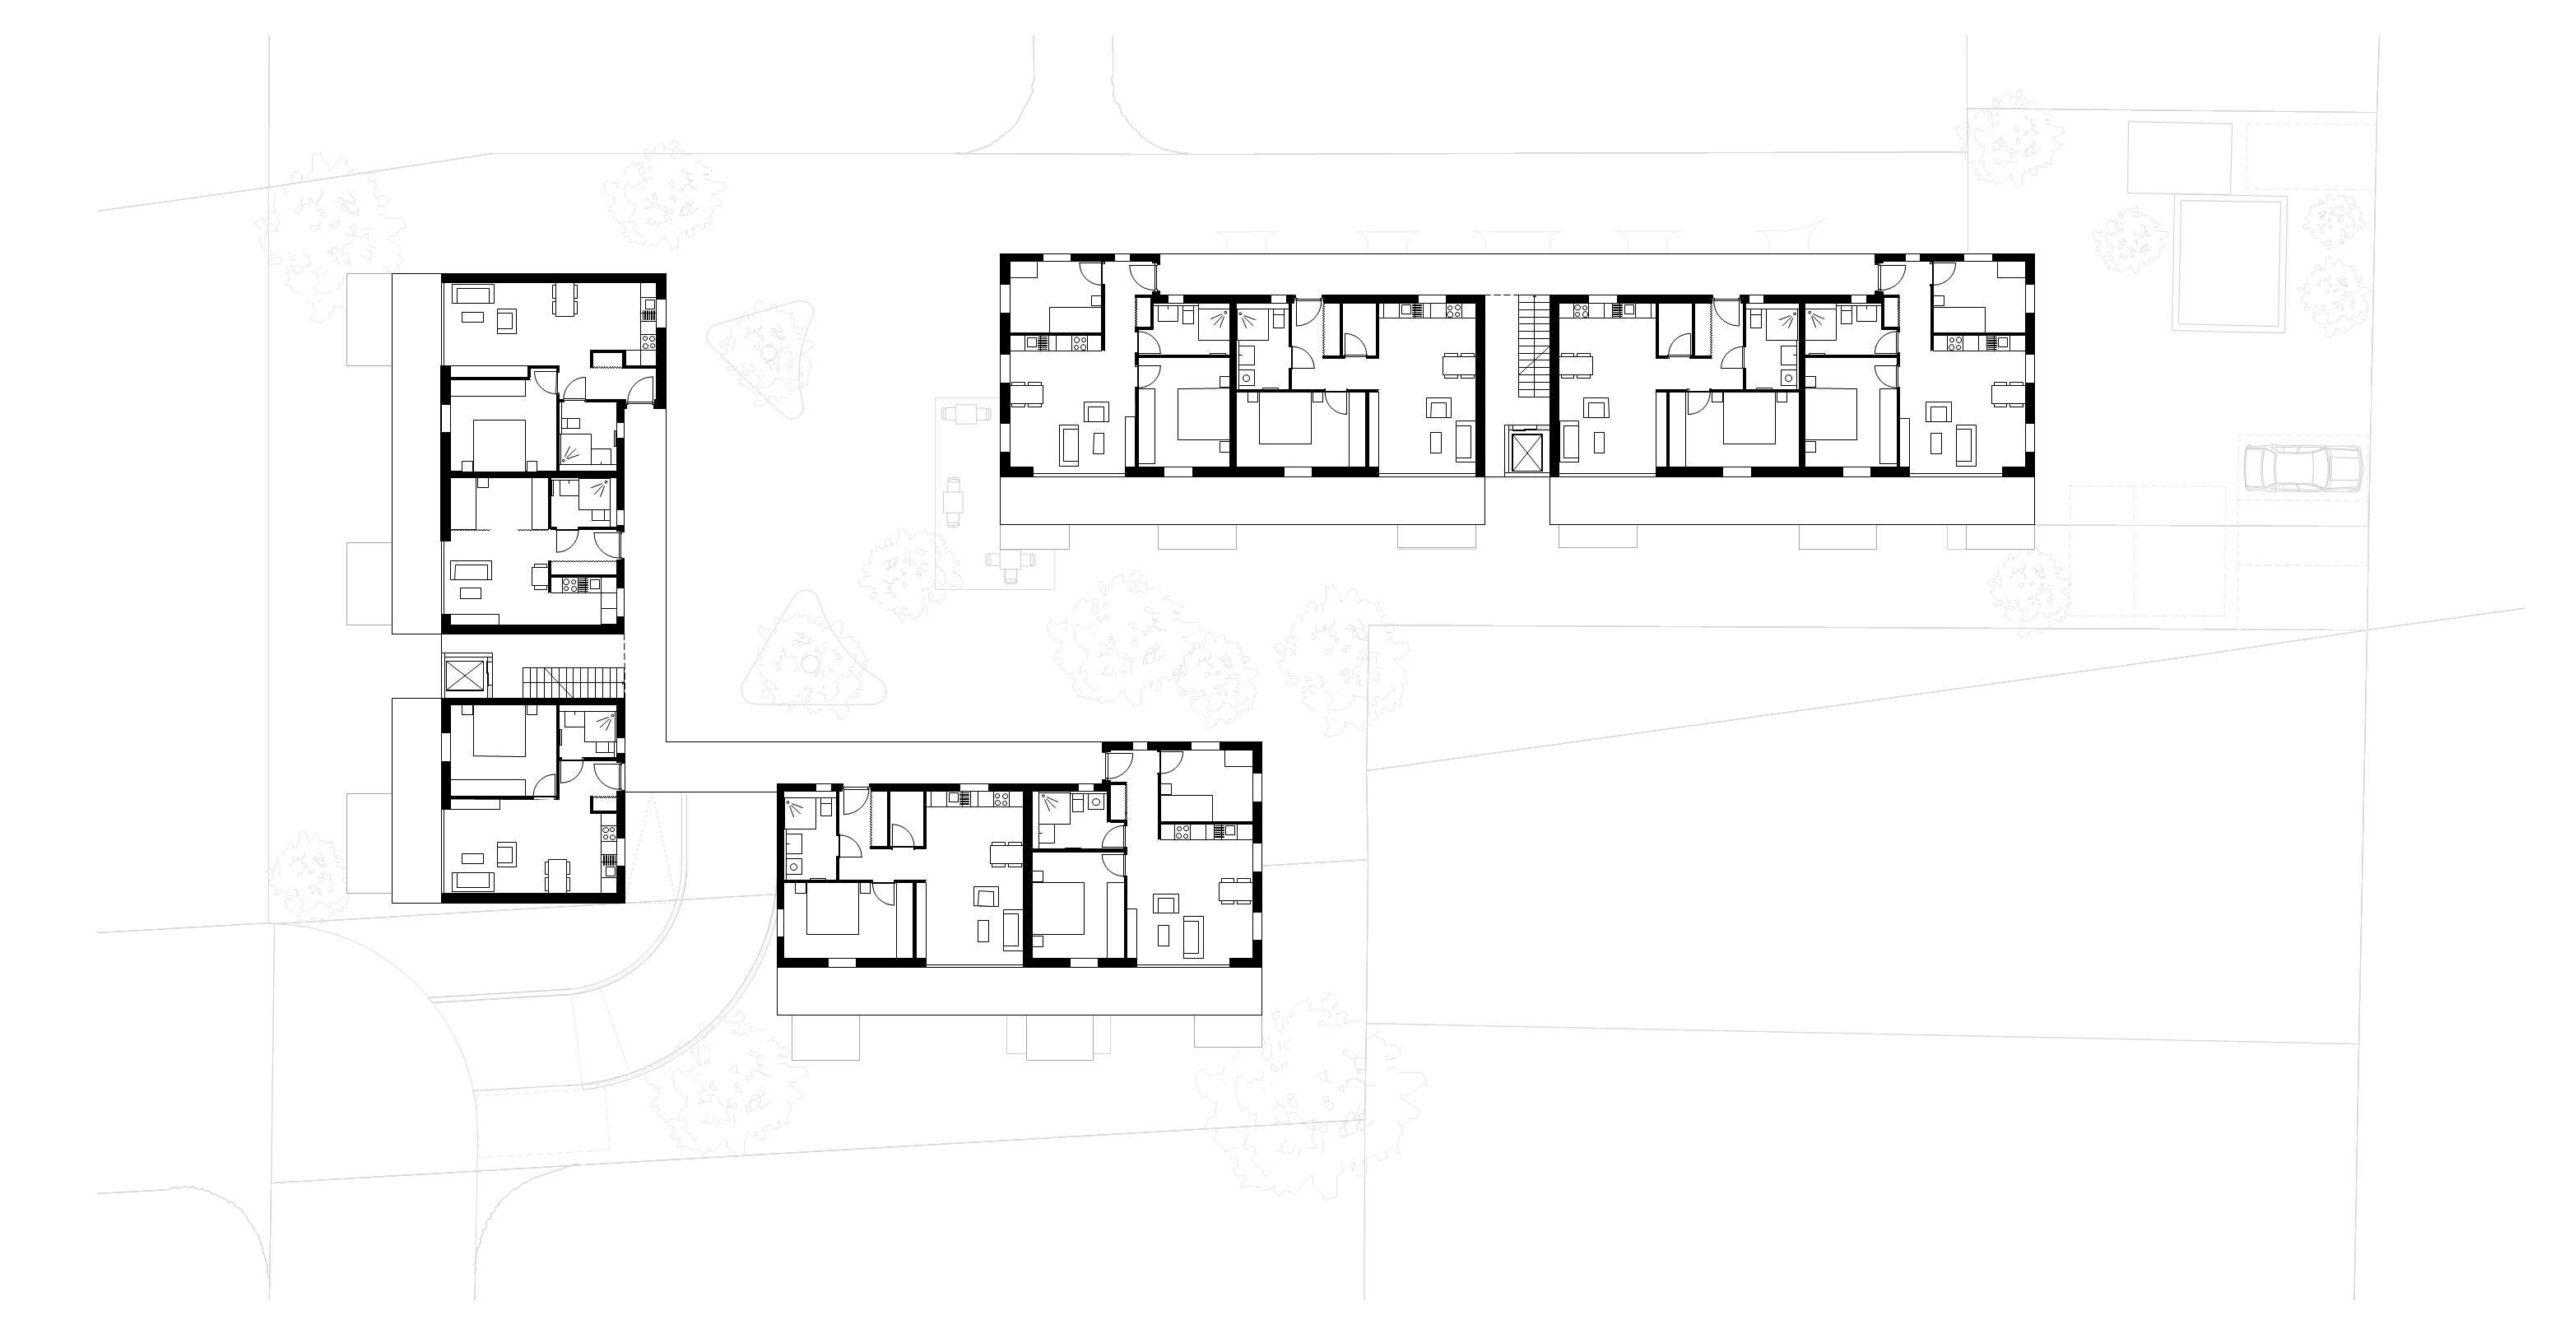 316_Mainstrasse_Grundriss Dachgeschoss_FFM-ARCHITEKTEN